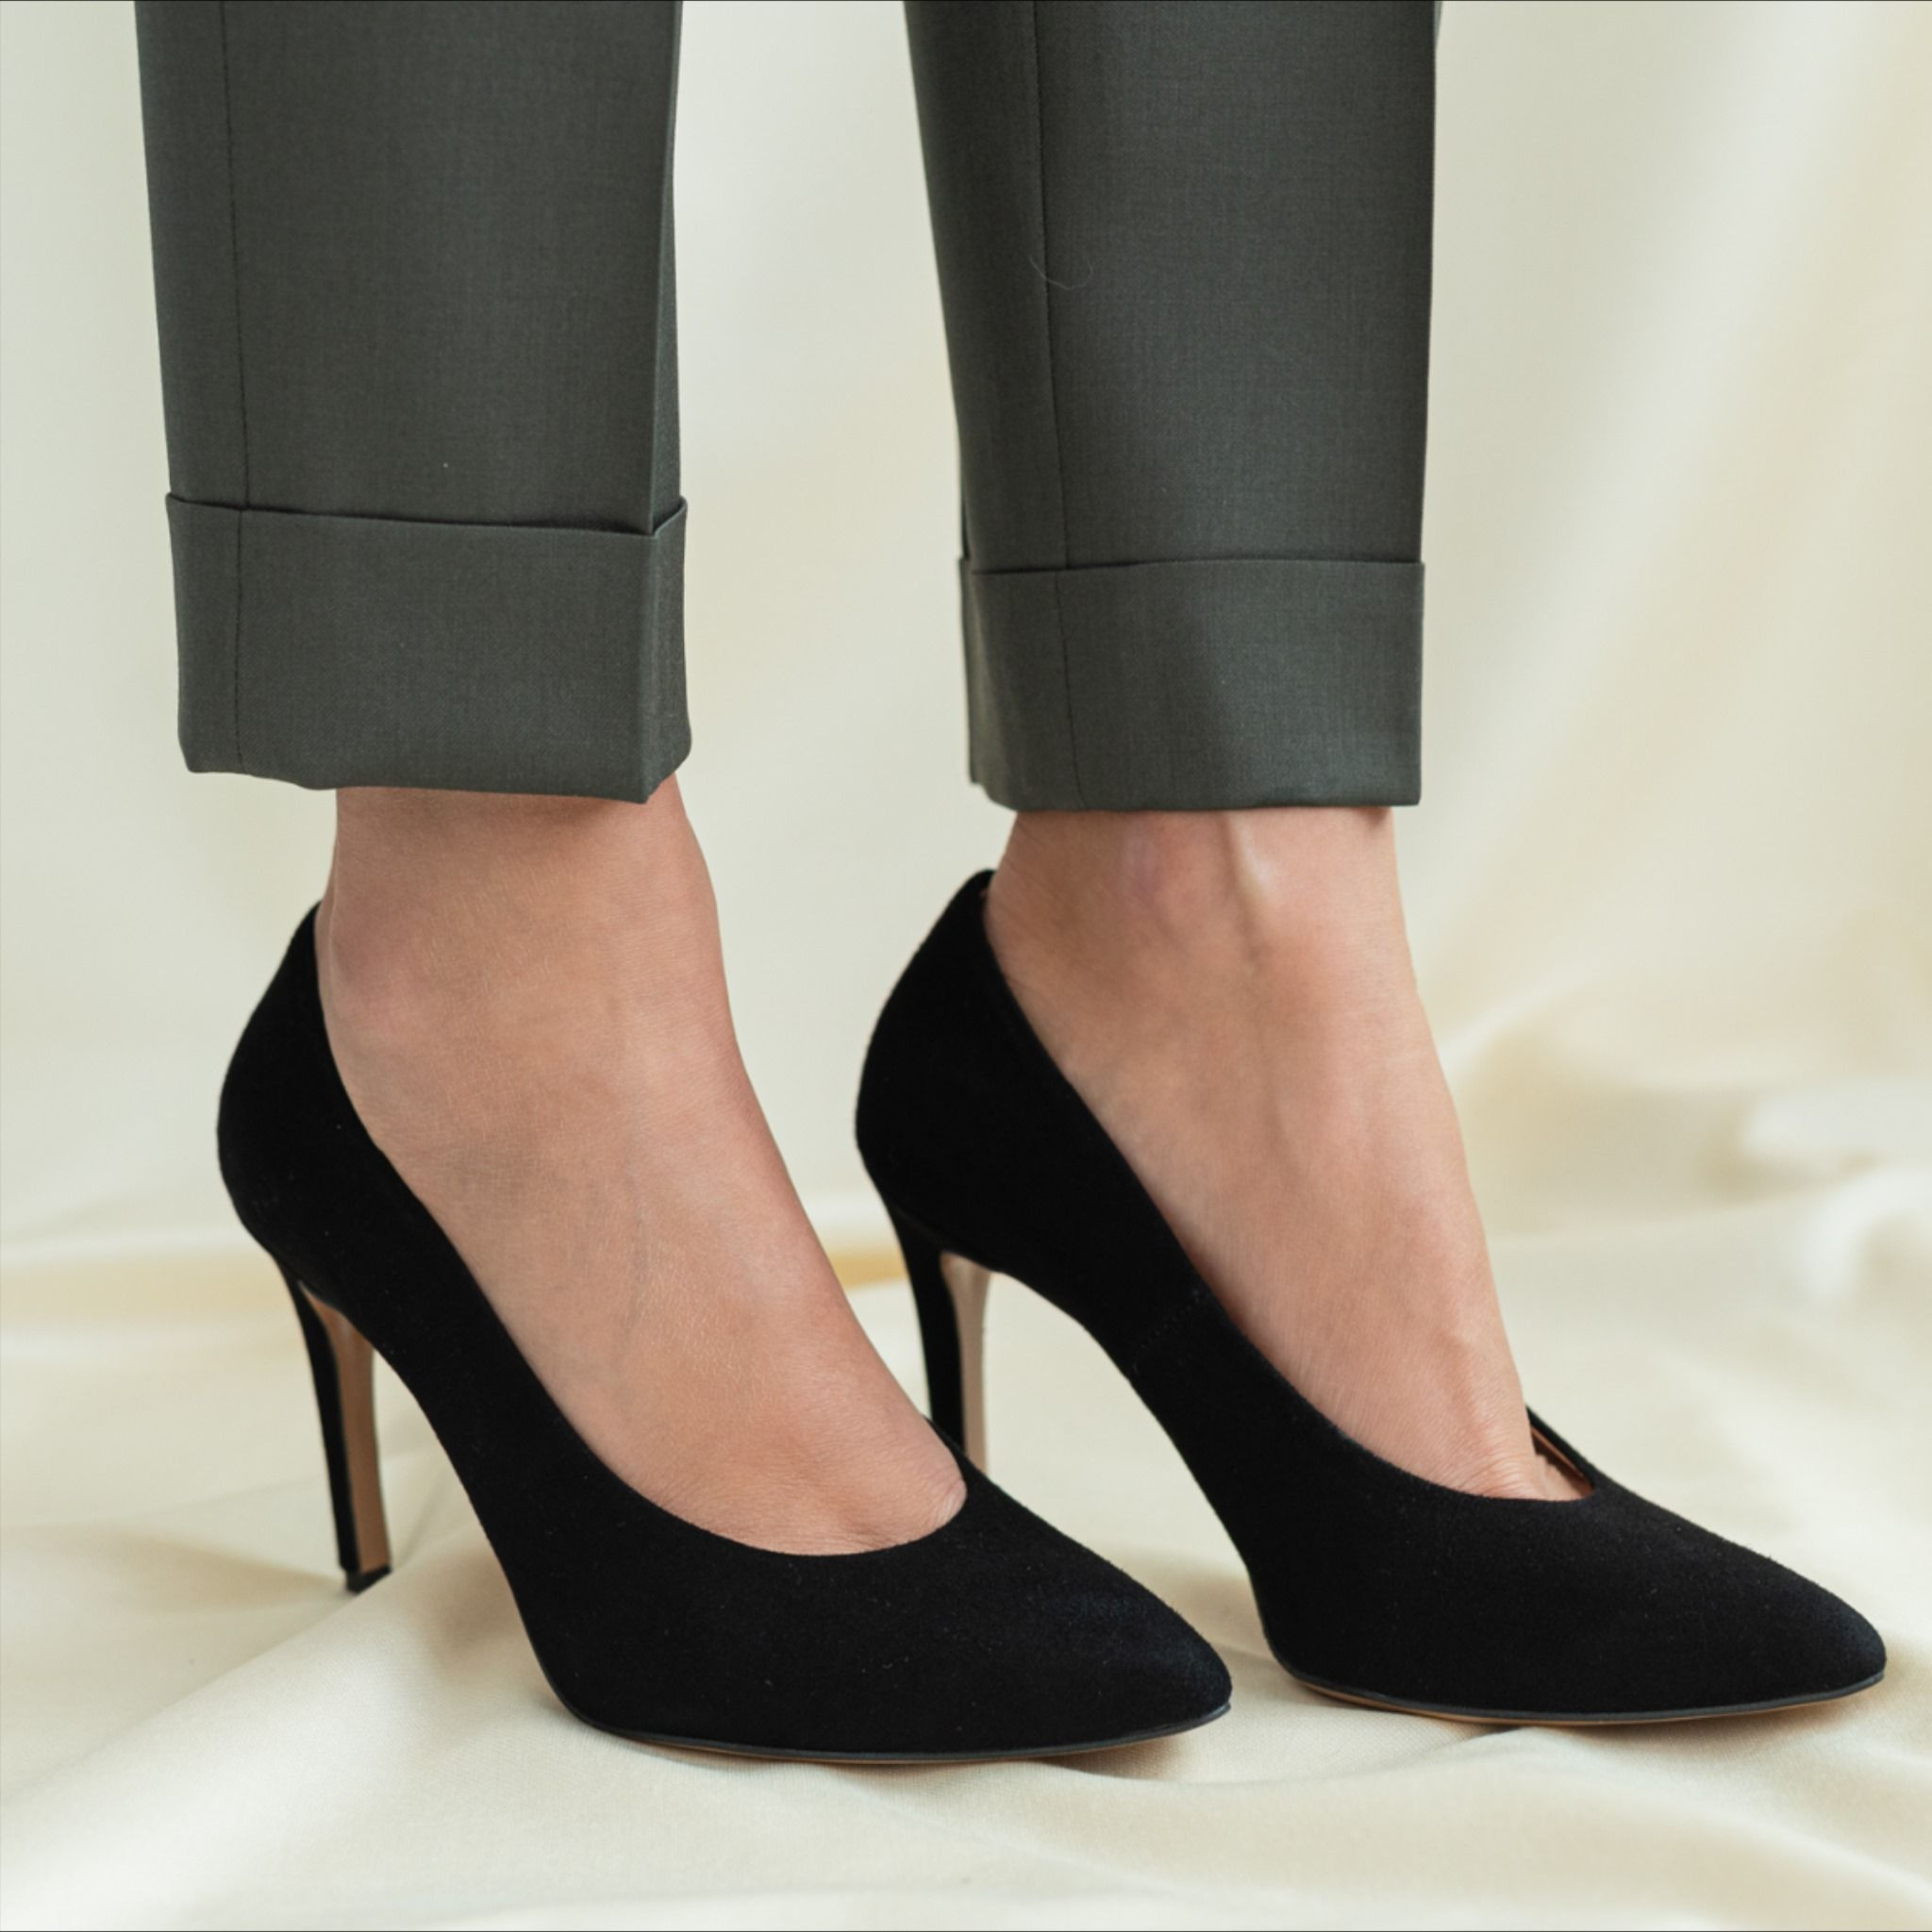 Czarne Szpilki Idealne Na Kazda Okazje Heels Shoes Pumps